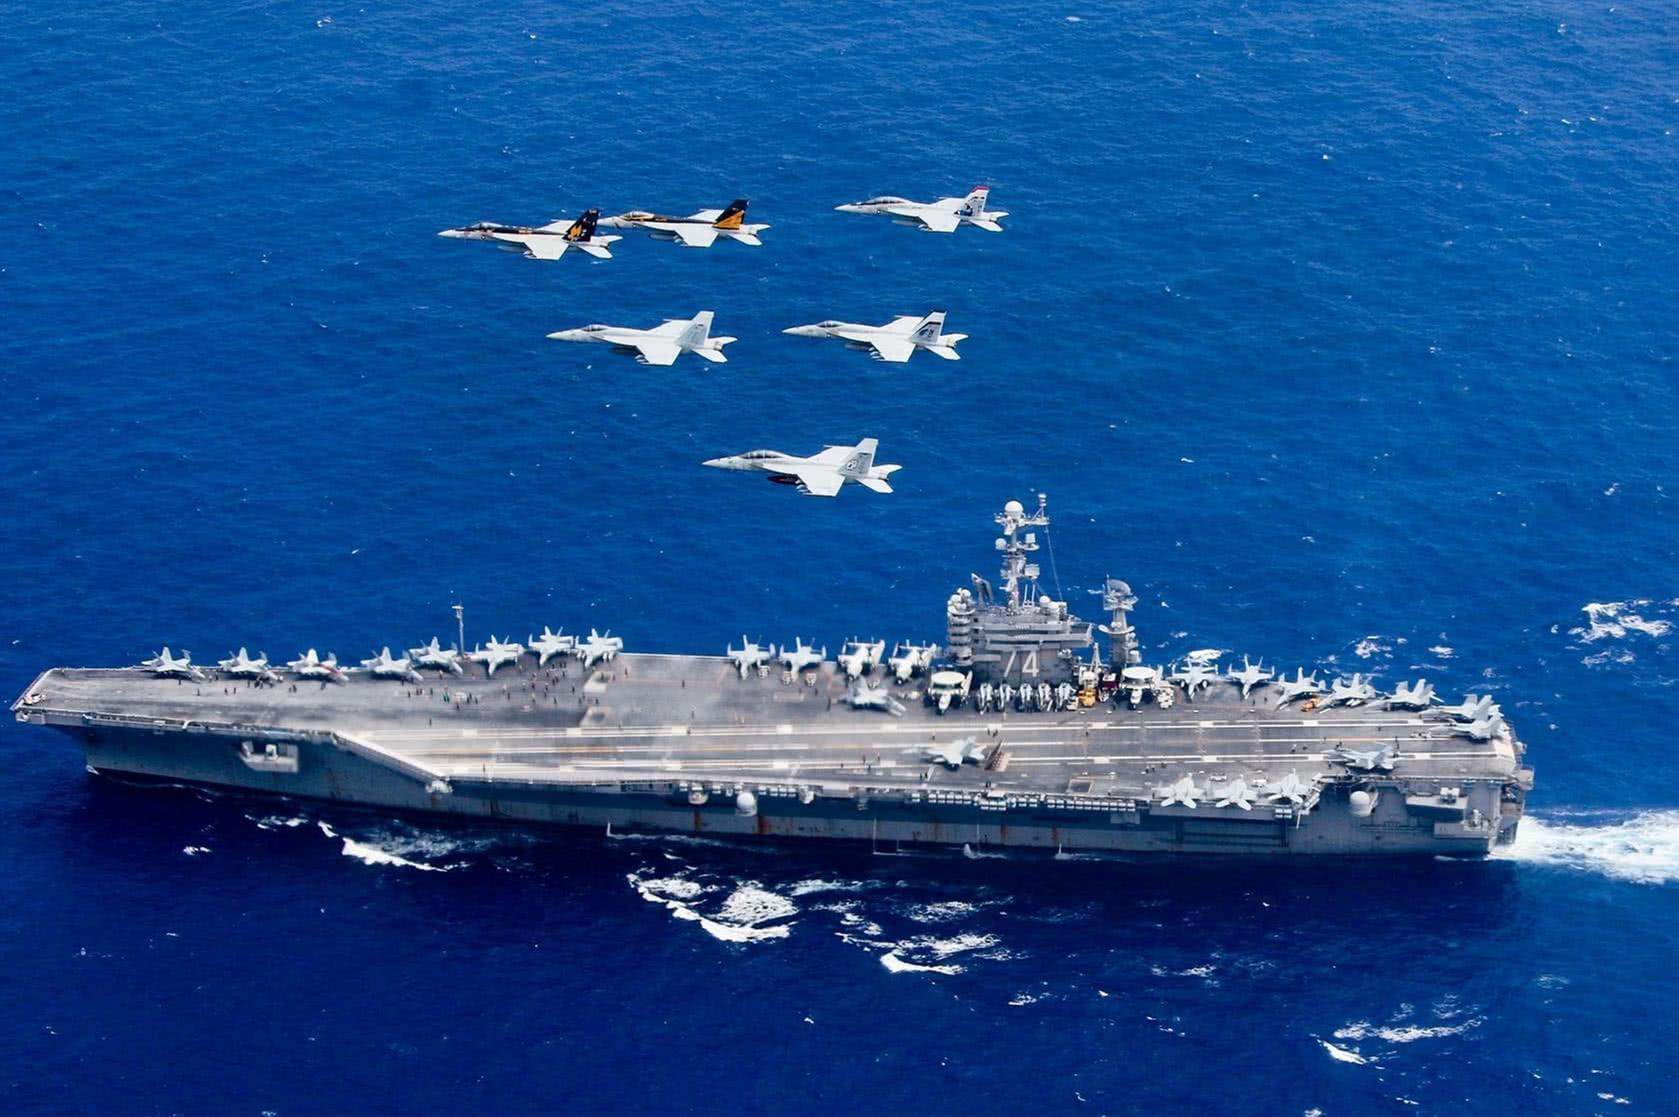 美军最高将领说必须避免与中国发生战争,他到底在害怕什么?